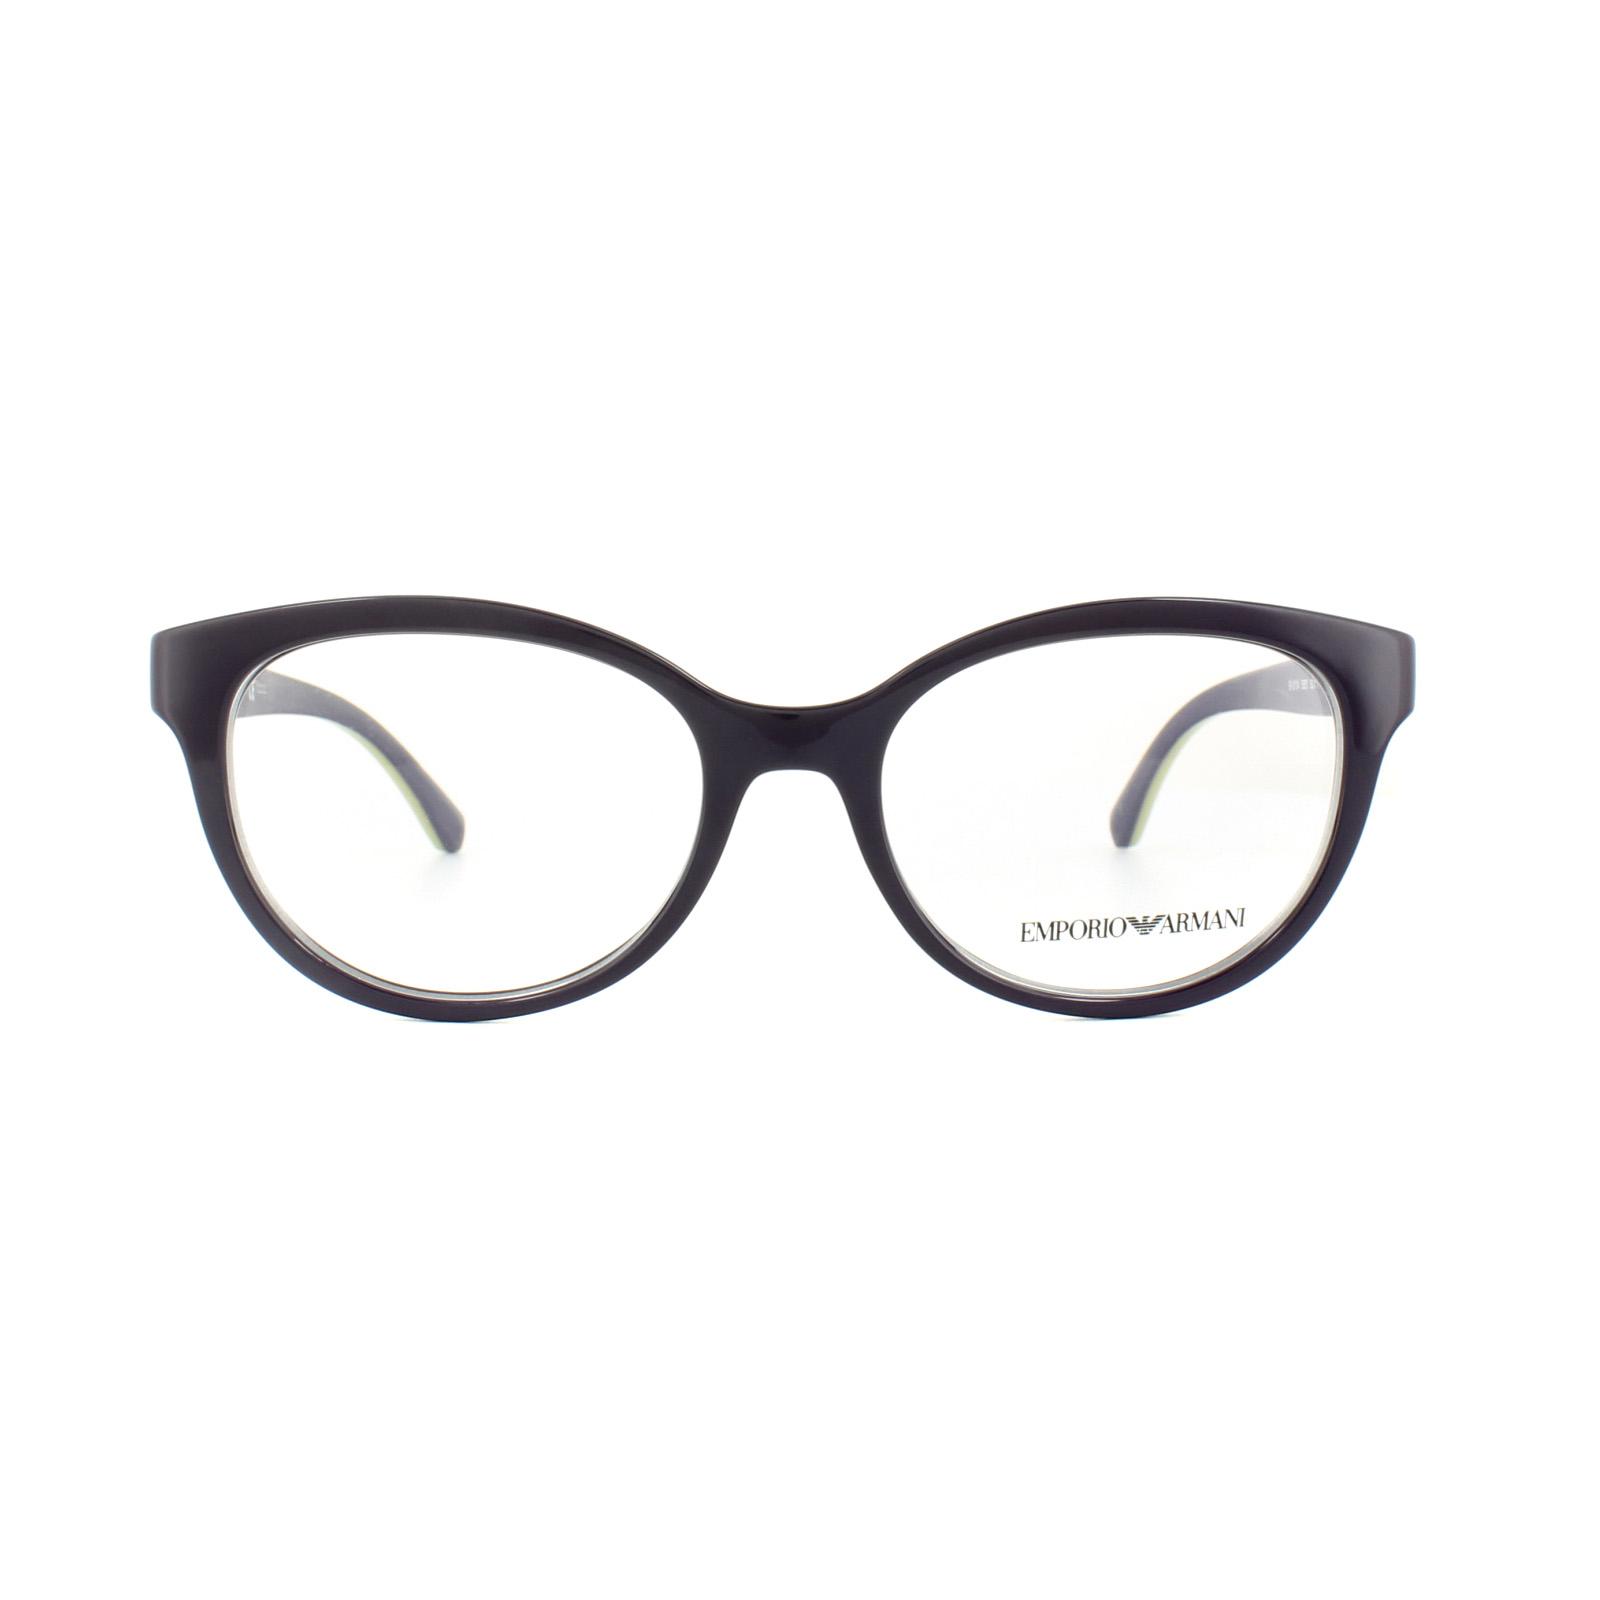 sentinel emporio armani glasses frames ea 3104 5560 violet womens 52mm - Emporio Armani Glasses Frames